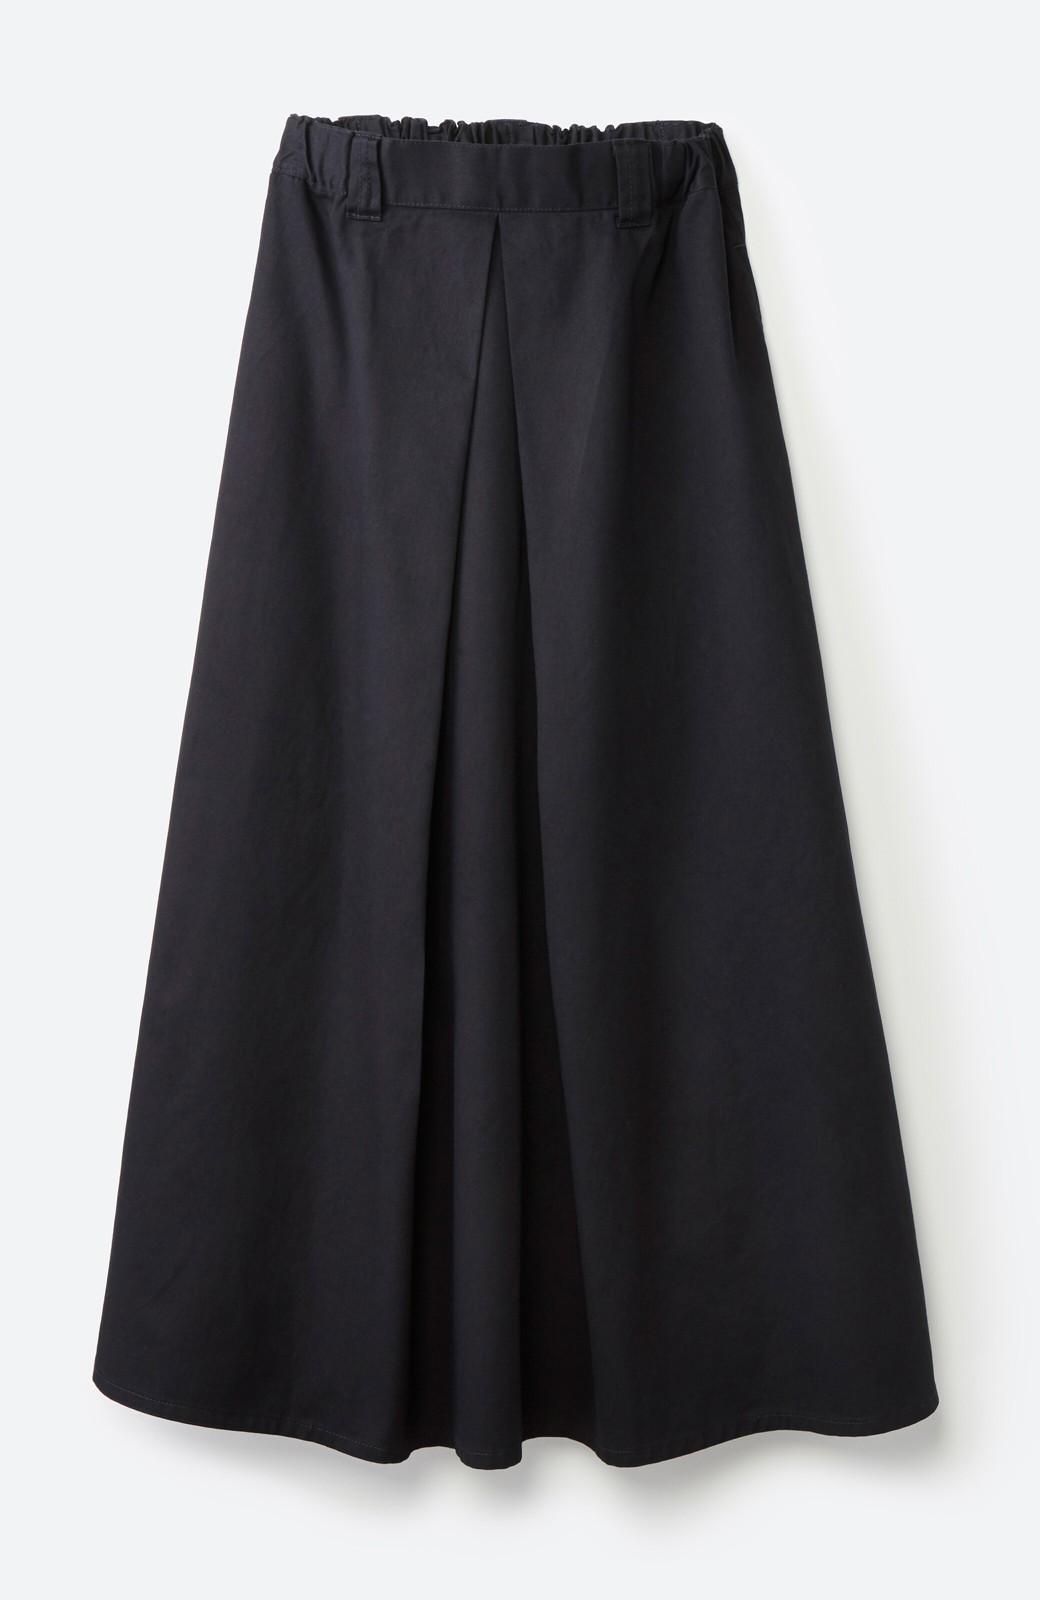 haco! ロングシーズン楽しめる タックボリュームのチノロングスカート <ブラック>の商品写真2